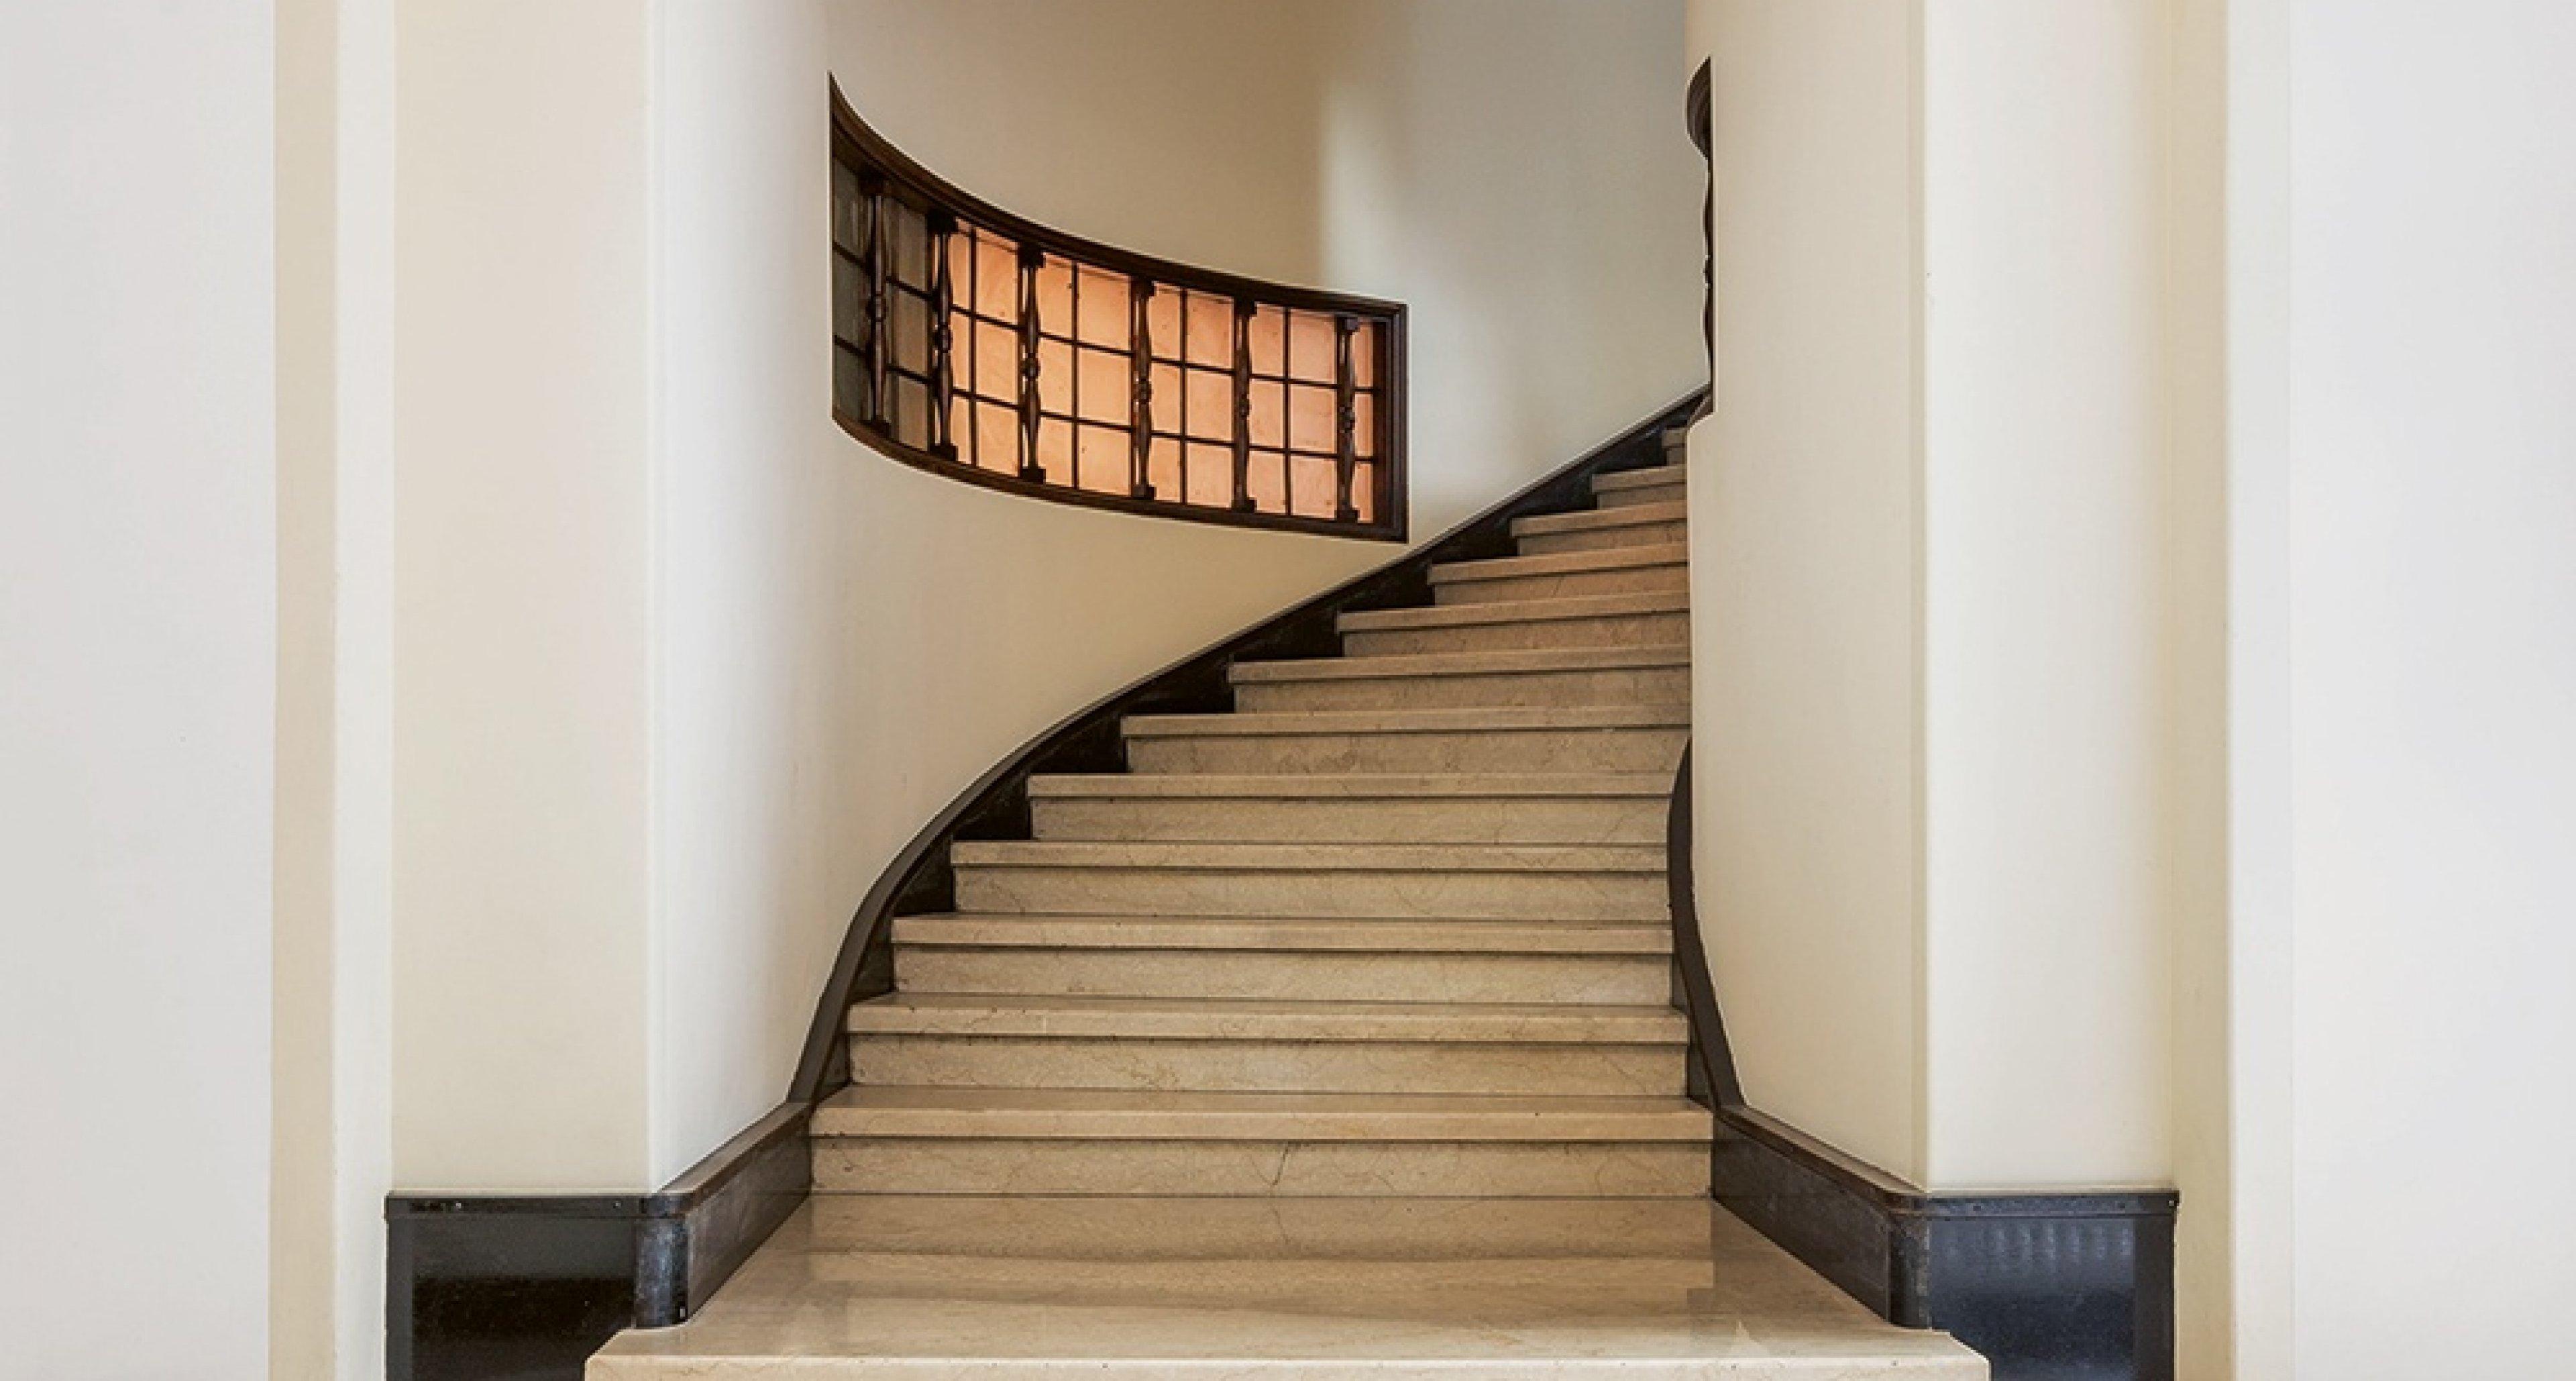 Palazzo Sola-Busca, Aldo Andreani, 1924–30. © Delfino Sisto Legnani